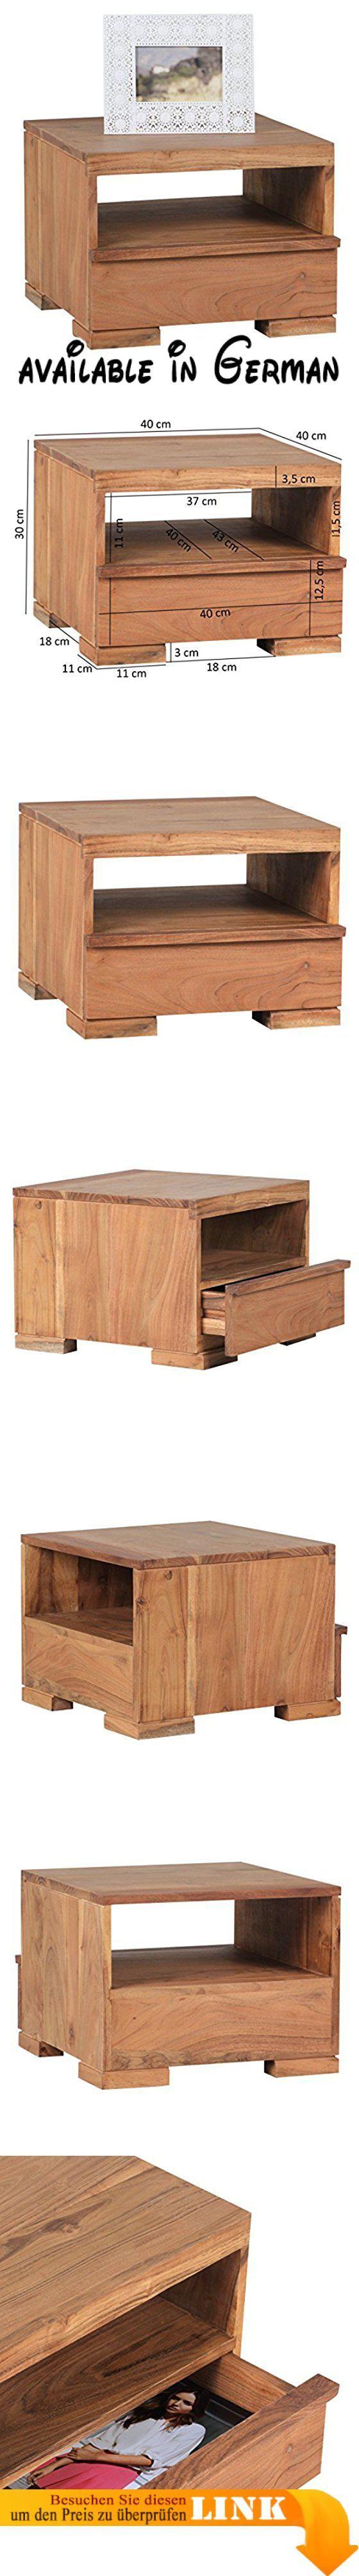 B013WQL67O : WOHNLING Nachttisch Massiv-Holz Akazie Nacht-Kommode 30 cm 1 Schublade Ablage Nachtschrank Landhaus-Stil Echt-Holz Nachtköstchen dunkel-braun Nacht-Konsole Natur-Produkt Schlafzimmer-Möbel Unikat. Schubladenkommode aus Sheesham Massivholz - Stilvolle Ablage neben dem Bett im Jugend- und Schlafzimmer. Da es sich um Handarbeit und um ein Naturprodukt handelt kann es zu Farbabweichungen oder Unebenheiten kommen - jeder Artikel ist ein Unikat - Handarbeit. FSC